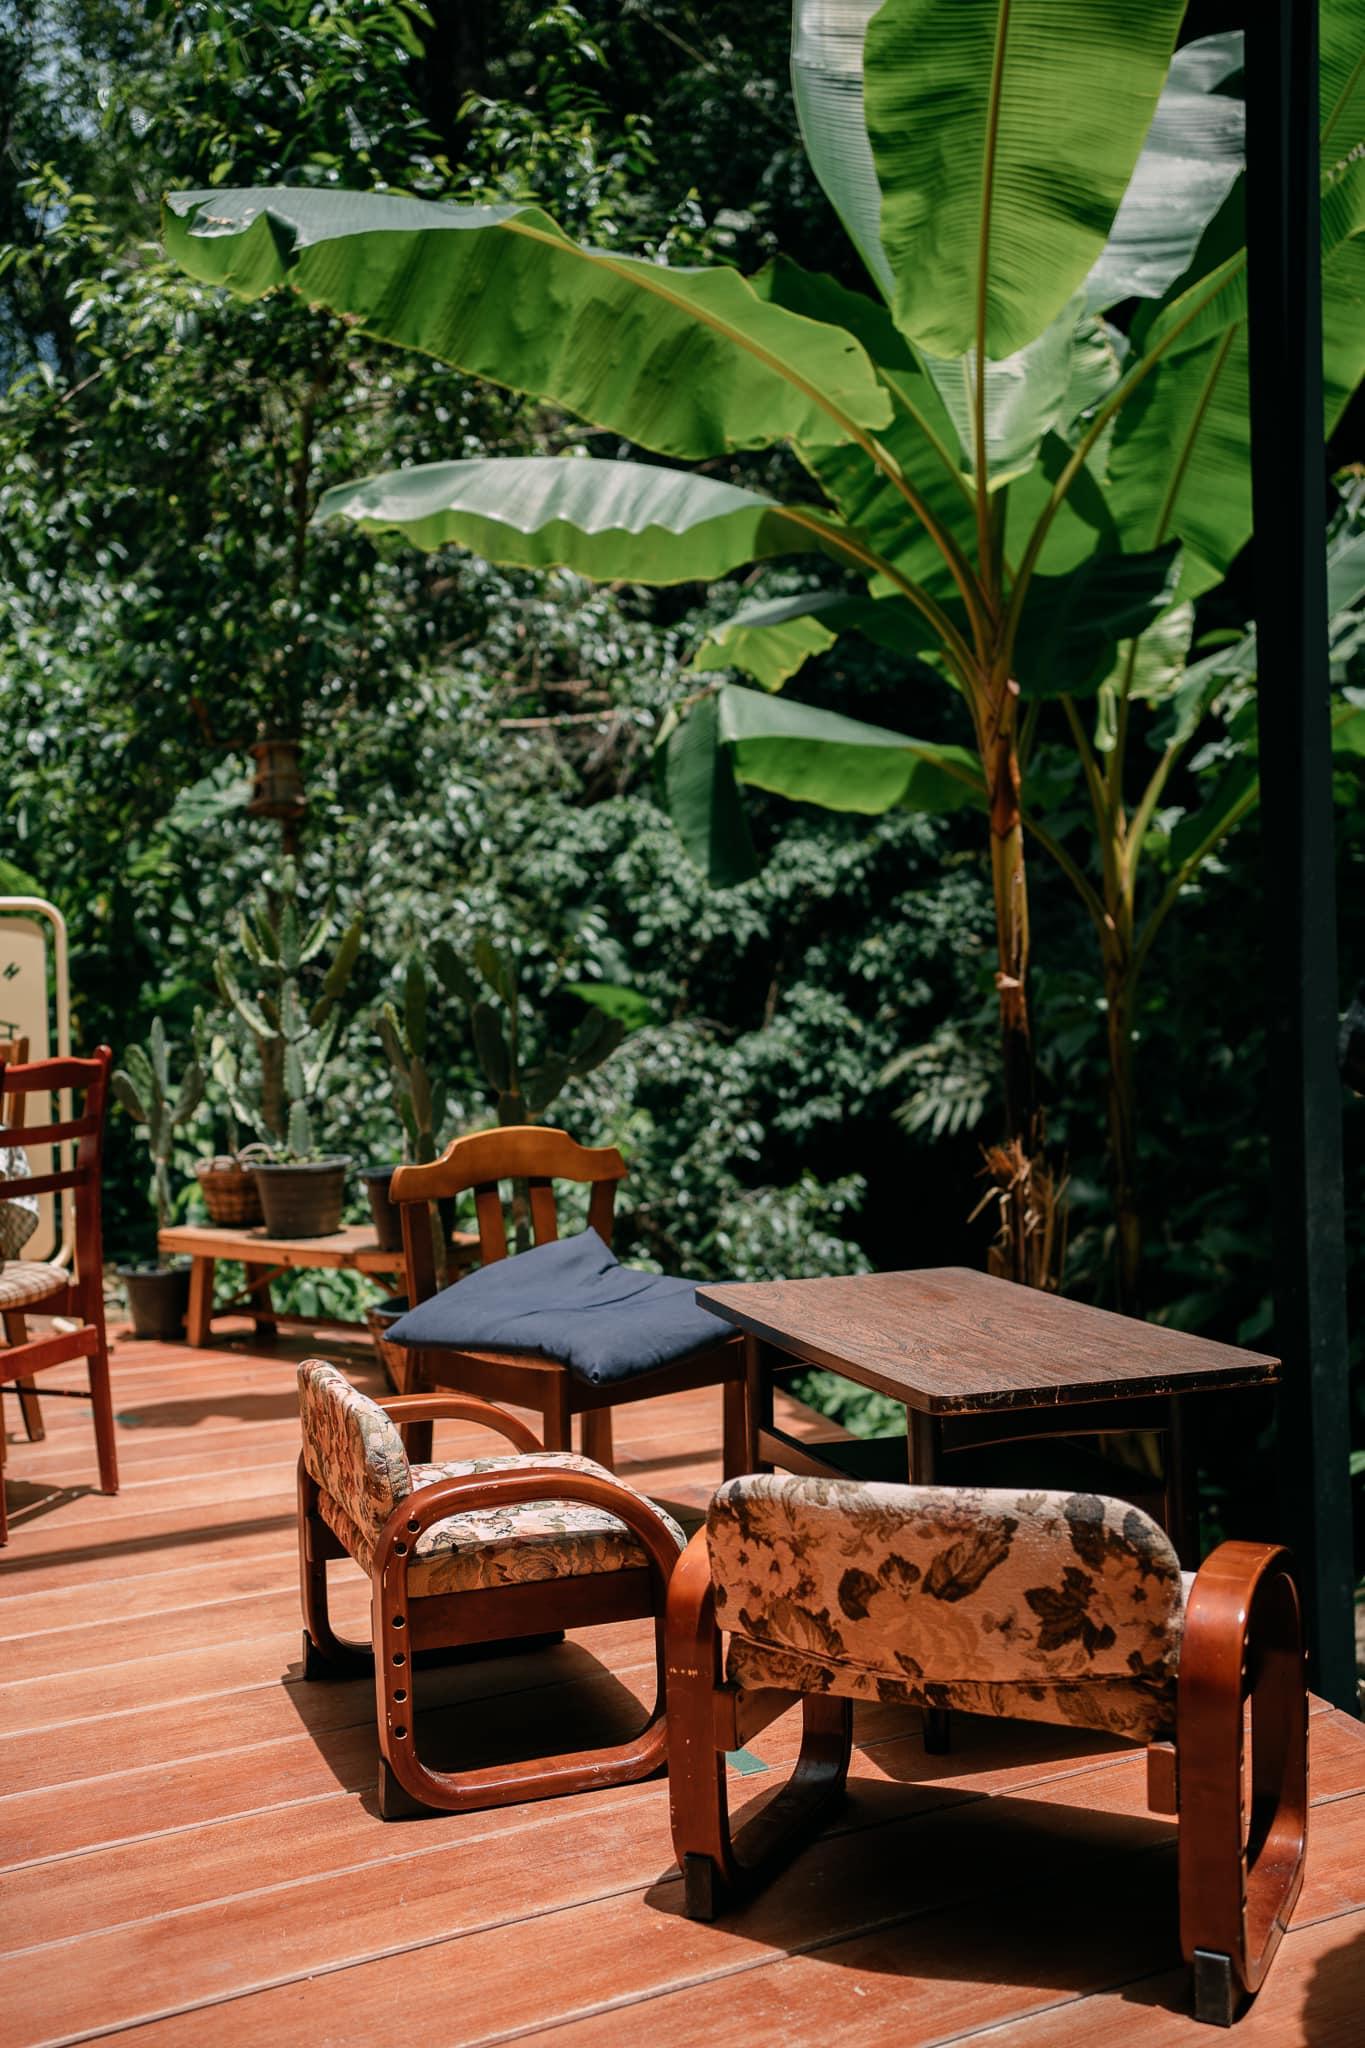 อุตสาชงที่บ้าน (Utsah.homebrew) ร้านกาแฟริมลำธาร แม่กำปอง กับบรรยากาศสุดฟิน เชียงใหม่